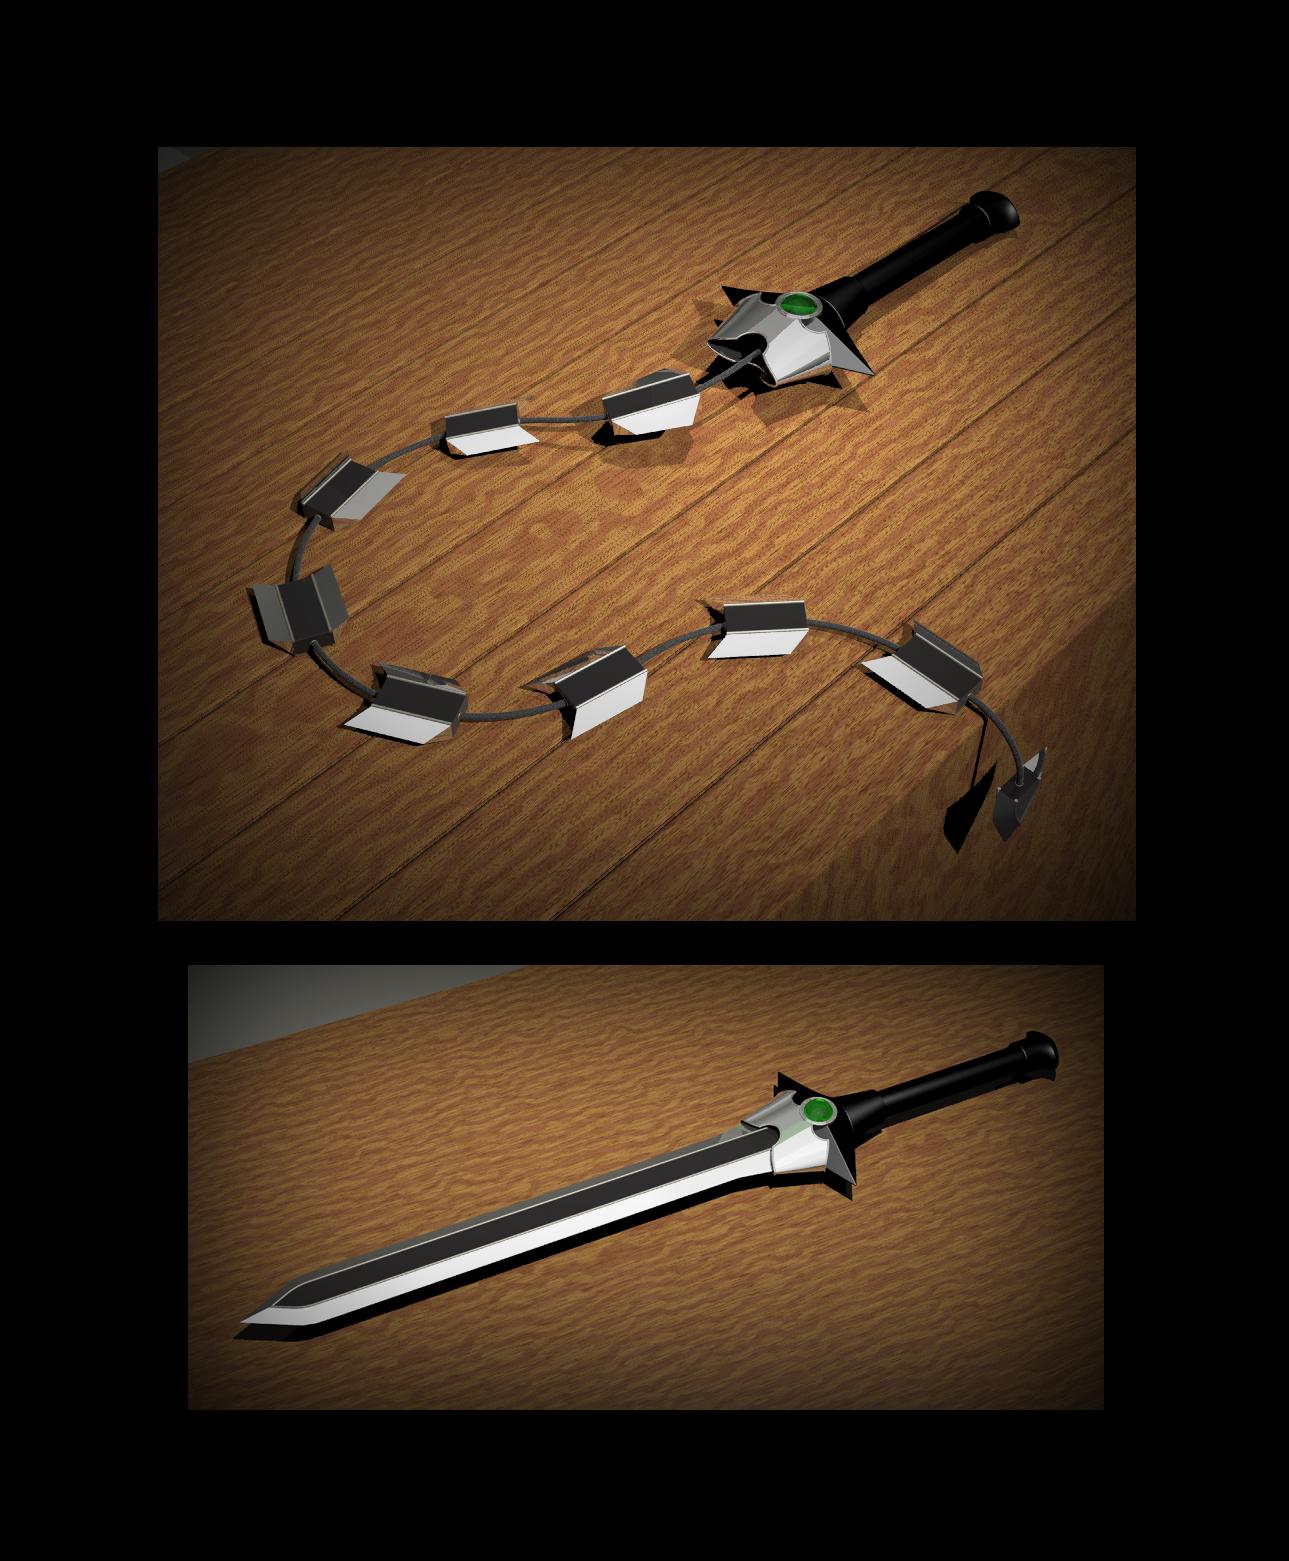 Whip Sword (3 5e Equipment) - D&D Wiki